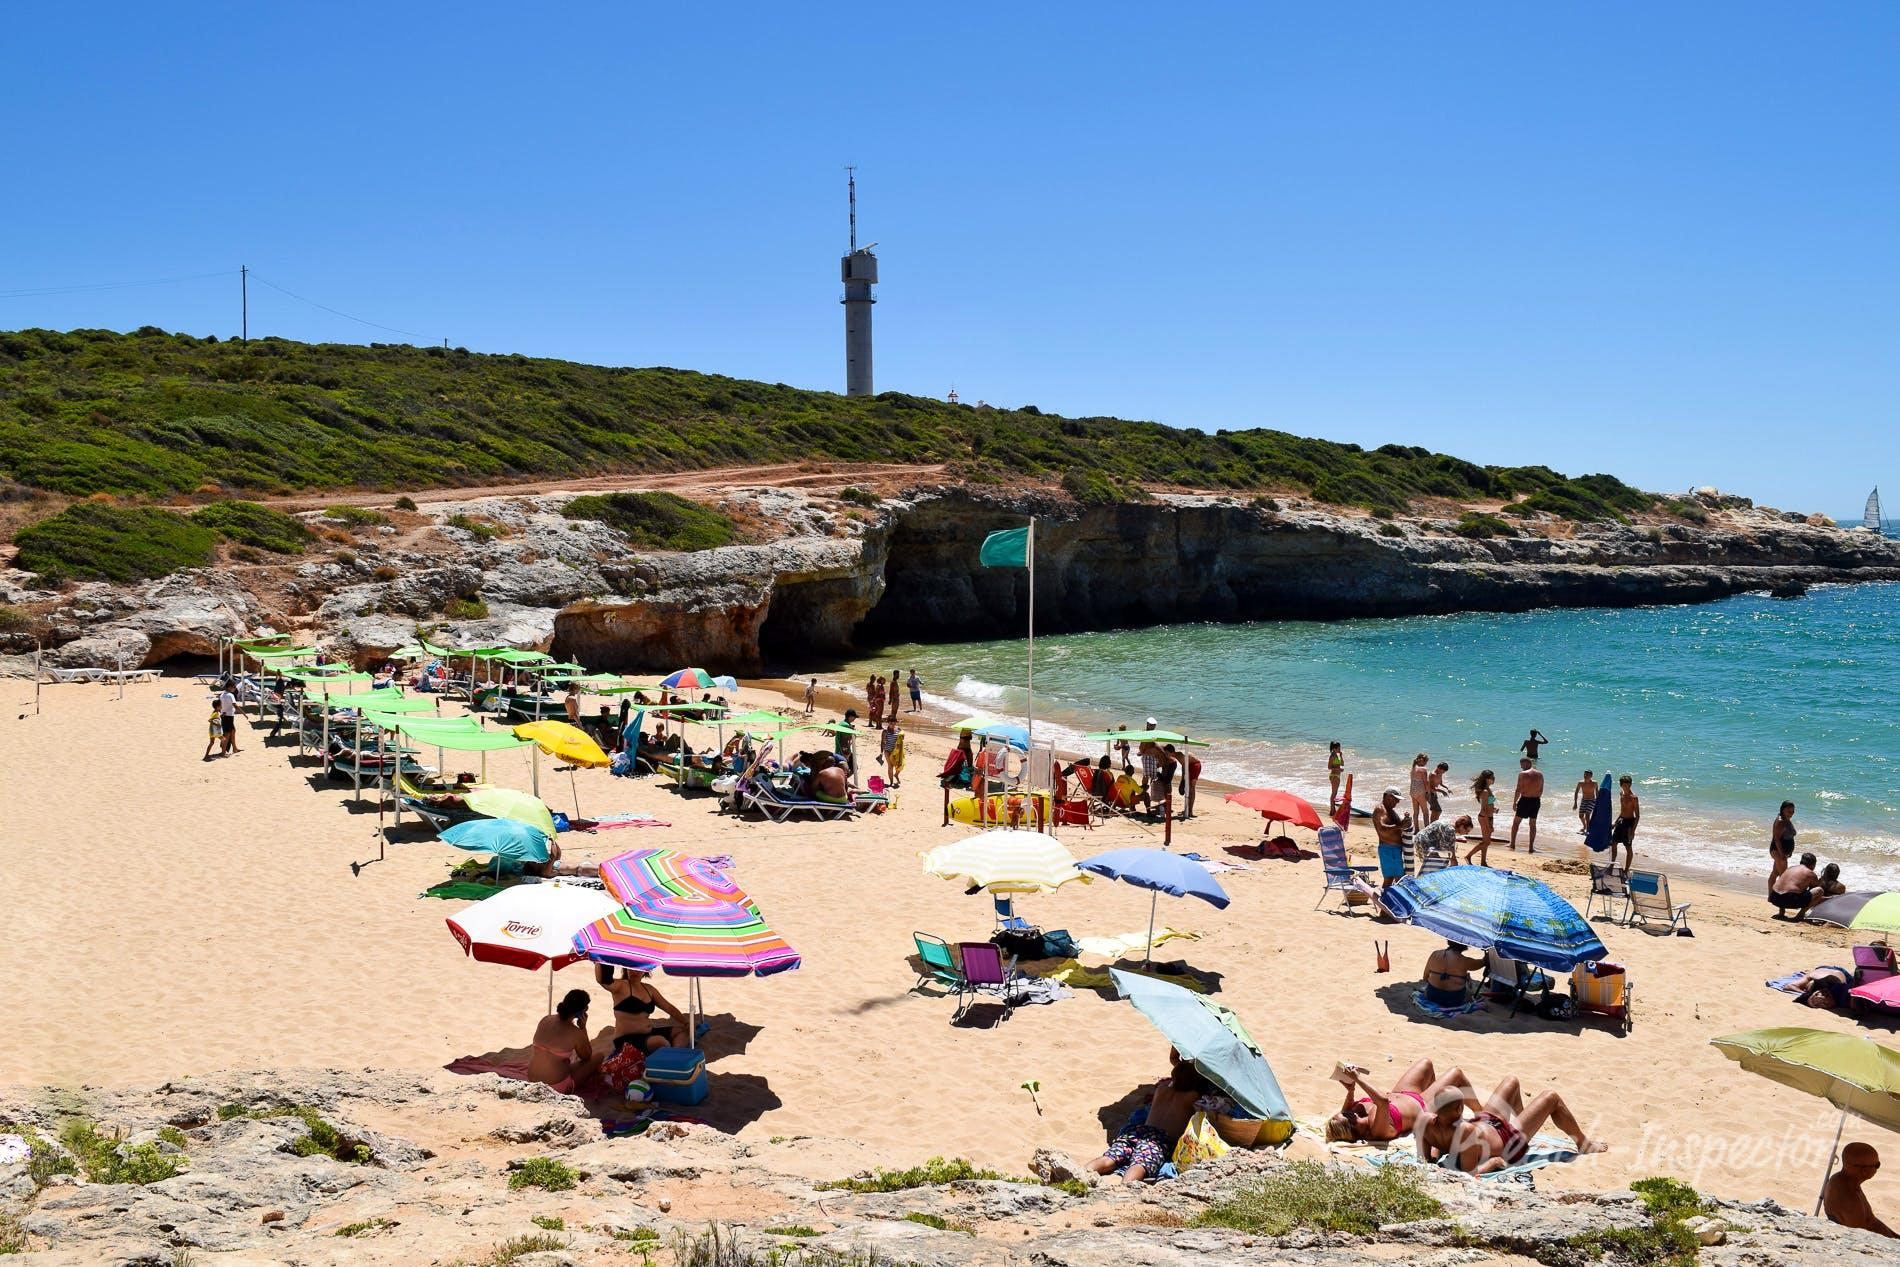 Beach Praia do Pintadinho, Algarve, Portugal